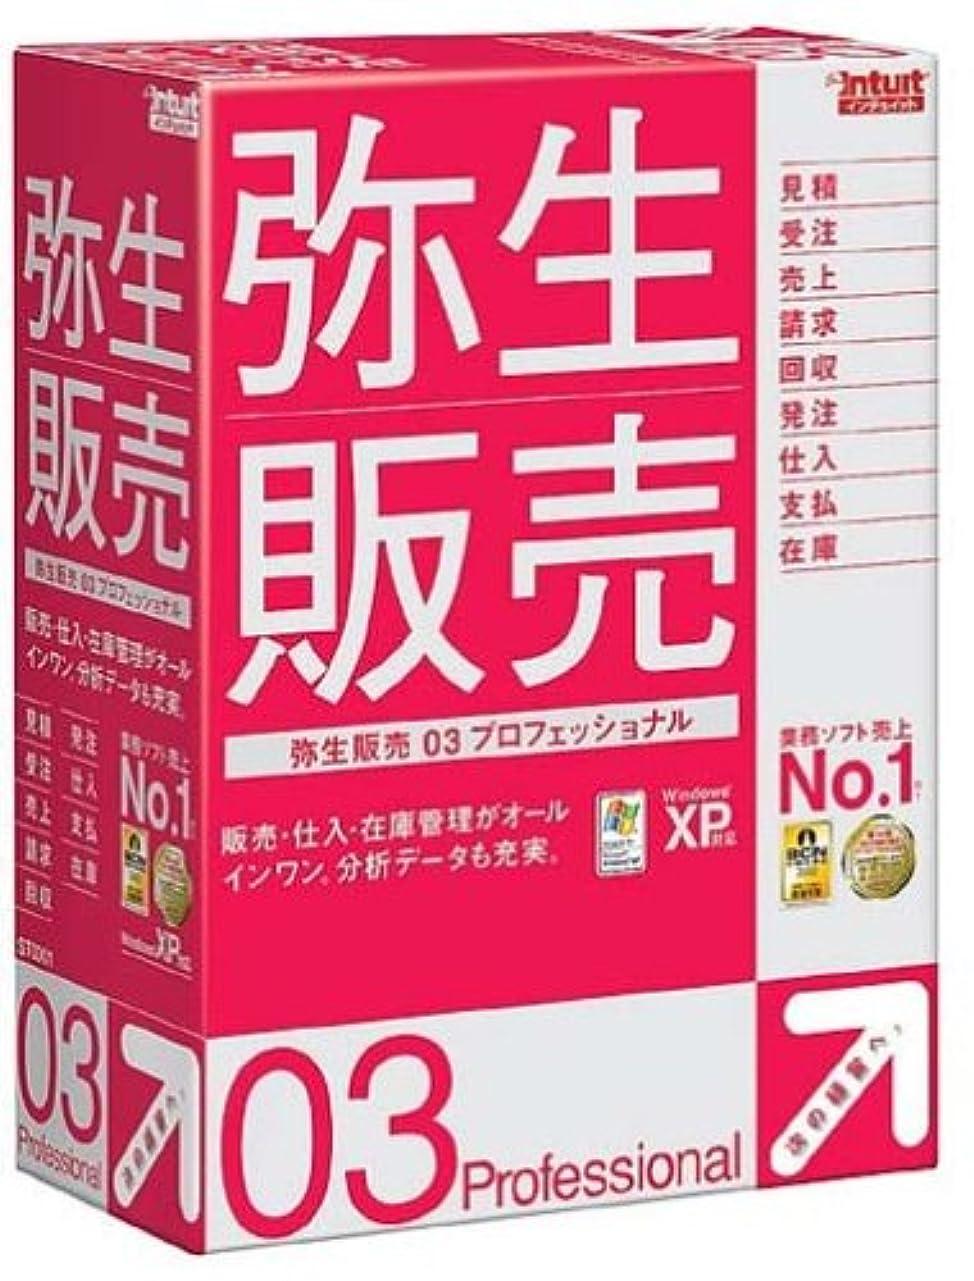 毎月ブル従来の【旧商品】弥生販売 03 Professional